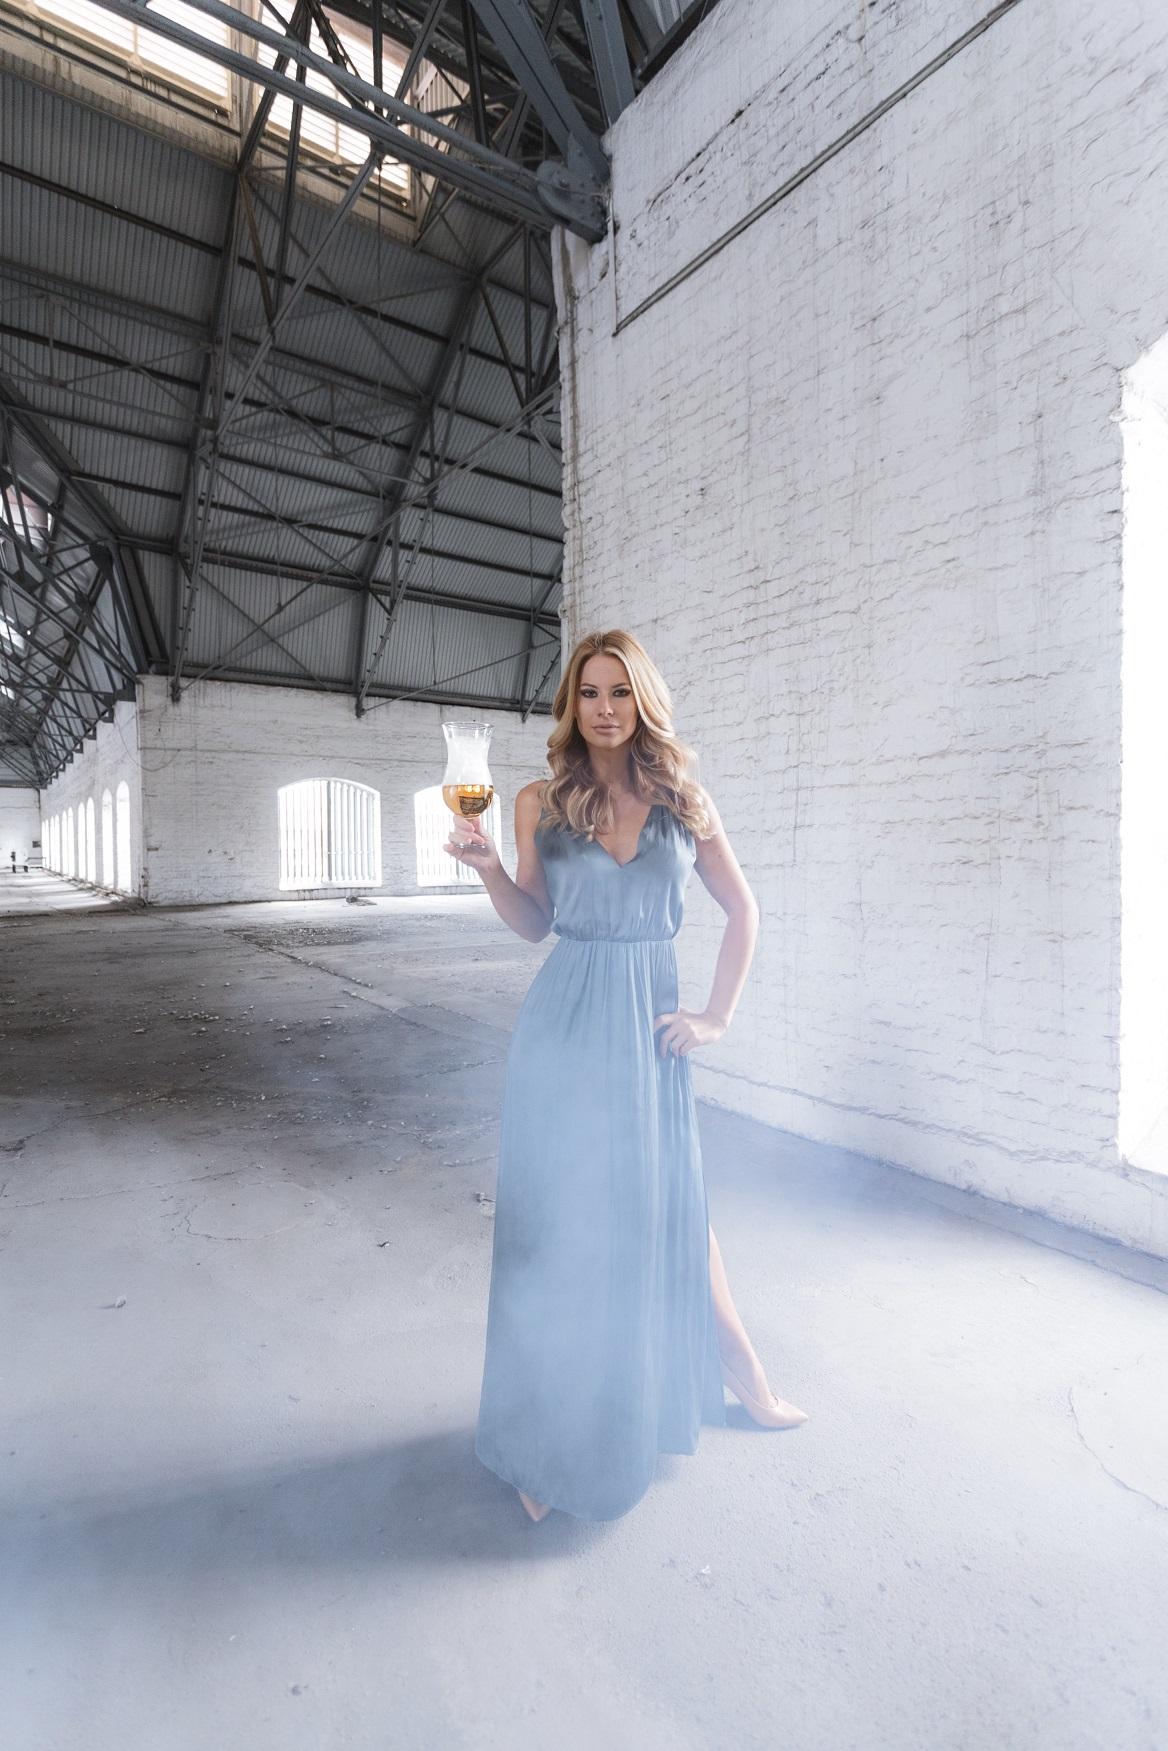 Miért ne lehetne a sör is szexi? Főleg akkor, ha egy őrülten csinos hölgy van a környezetében! A Magyar Sörgyártók Szövetségének célja, hogy a sörfogyasztást kreatívan, izgalmas és különleges kampányokkal népszerűsítse. Többek között ezért hívta életre Sör mi több elnevezésű kiemelt eseménysorozatát, amely új dimenziókba helyezve mutatja be ezt a sokoldalú italt; például a nők és a sör témát izgalmas formába öntve.